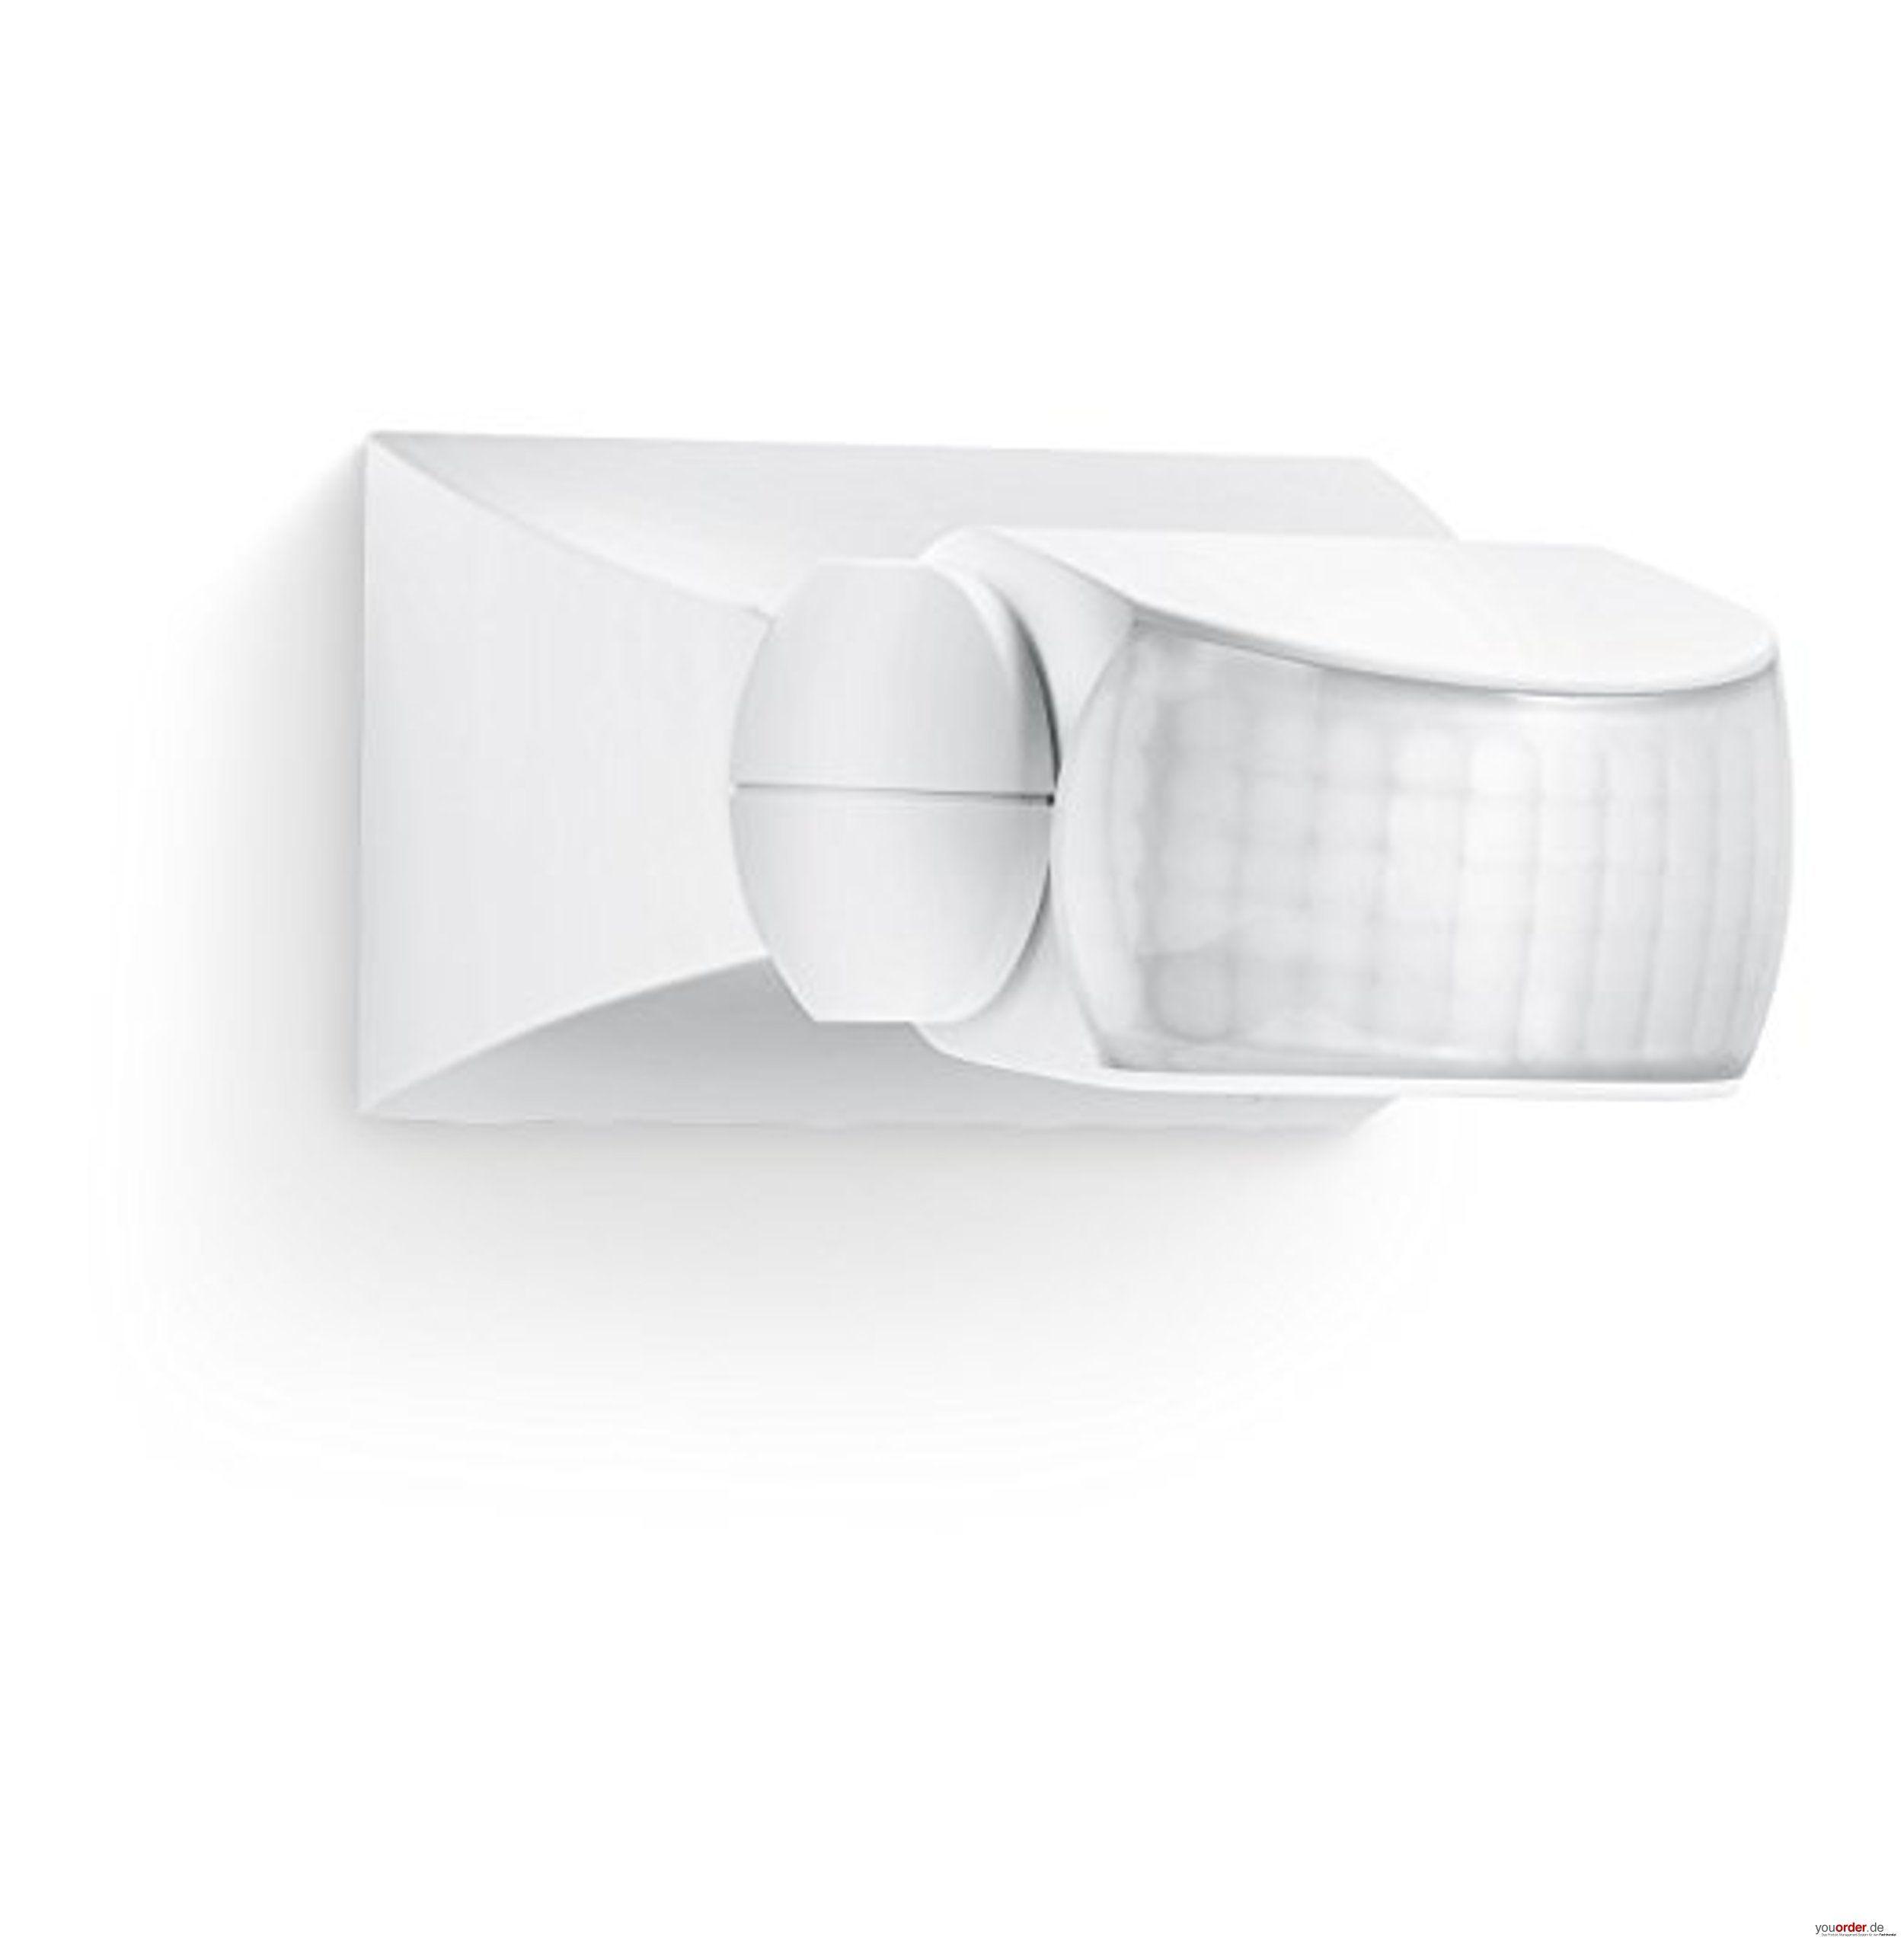 bewegungsmelder wei f r innen und au en 120 bewegungsmelder 10 m reichweite auf und. Black Bedroom Furniture Sets. Home Design Ideas